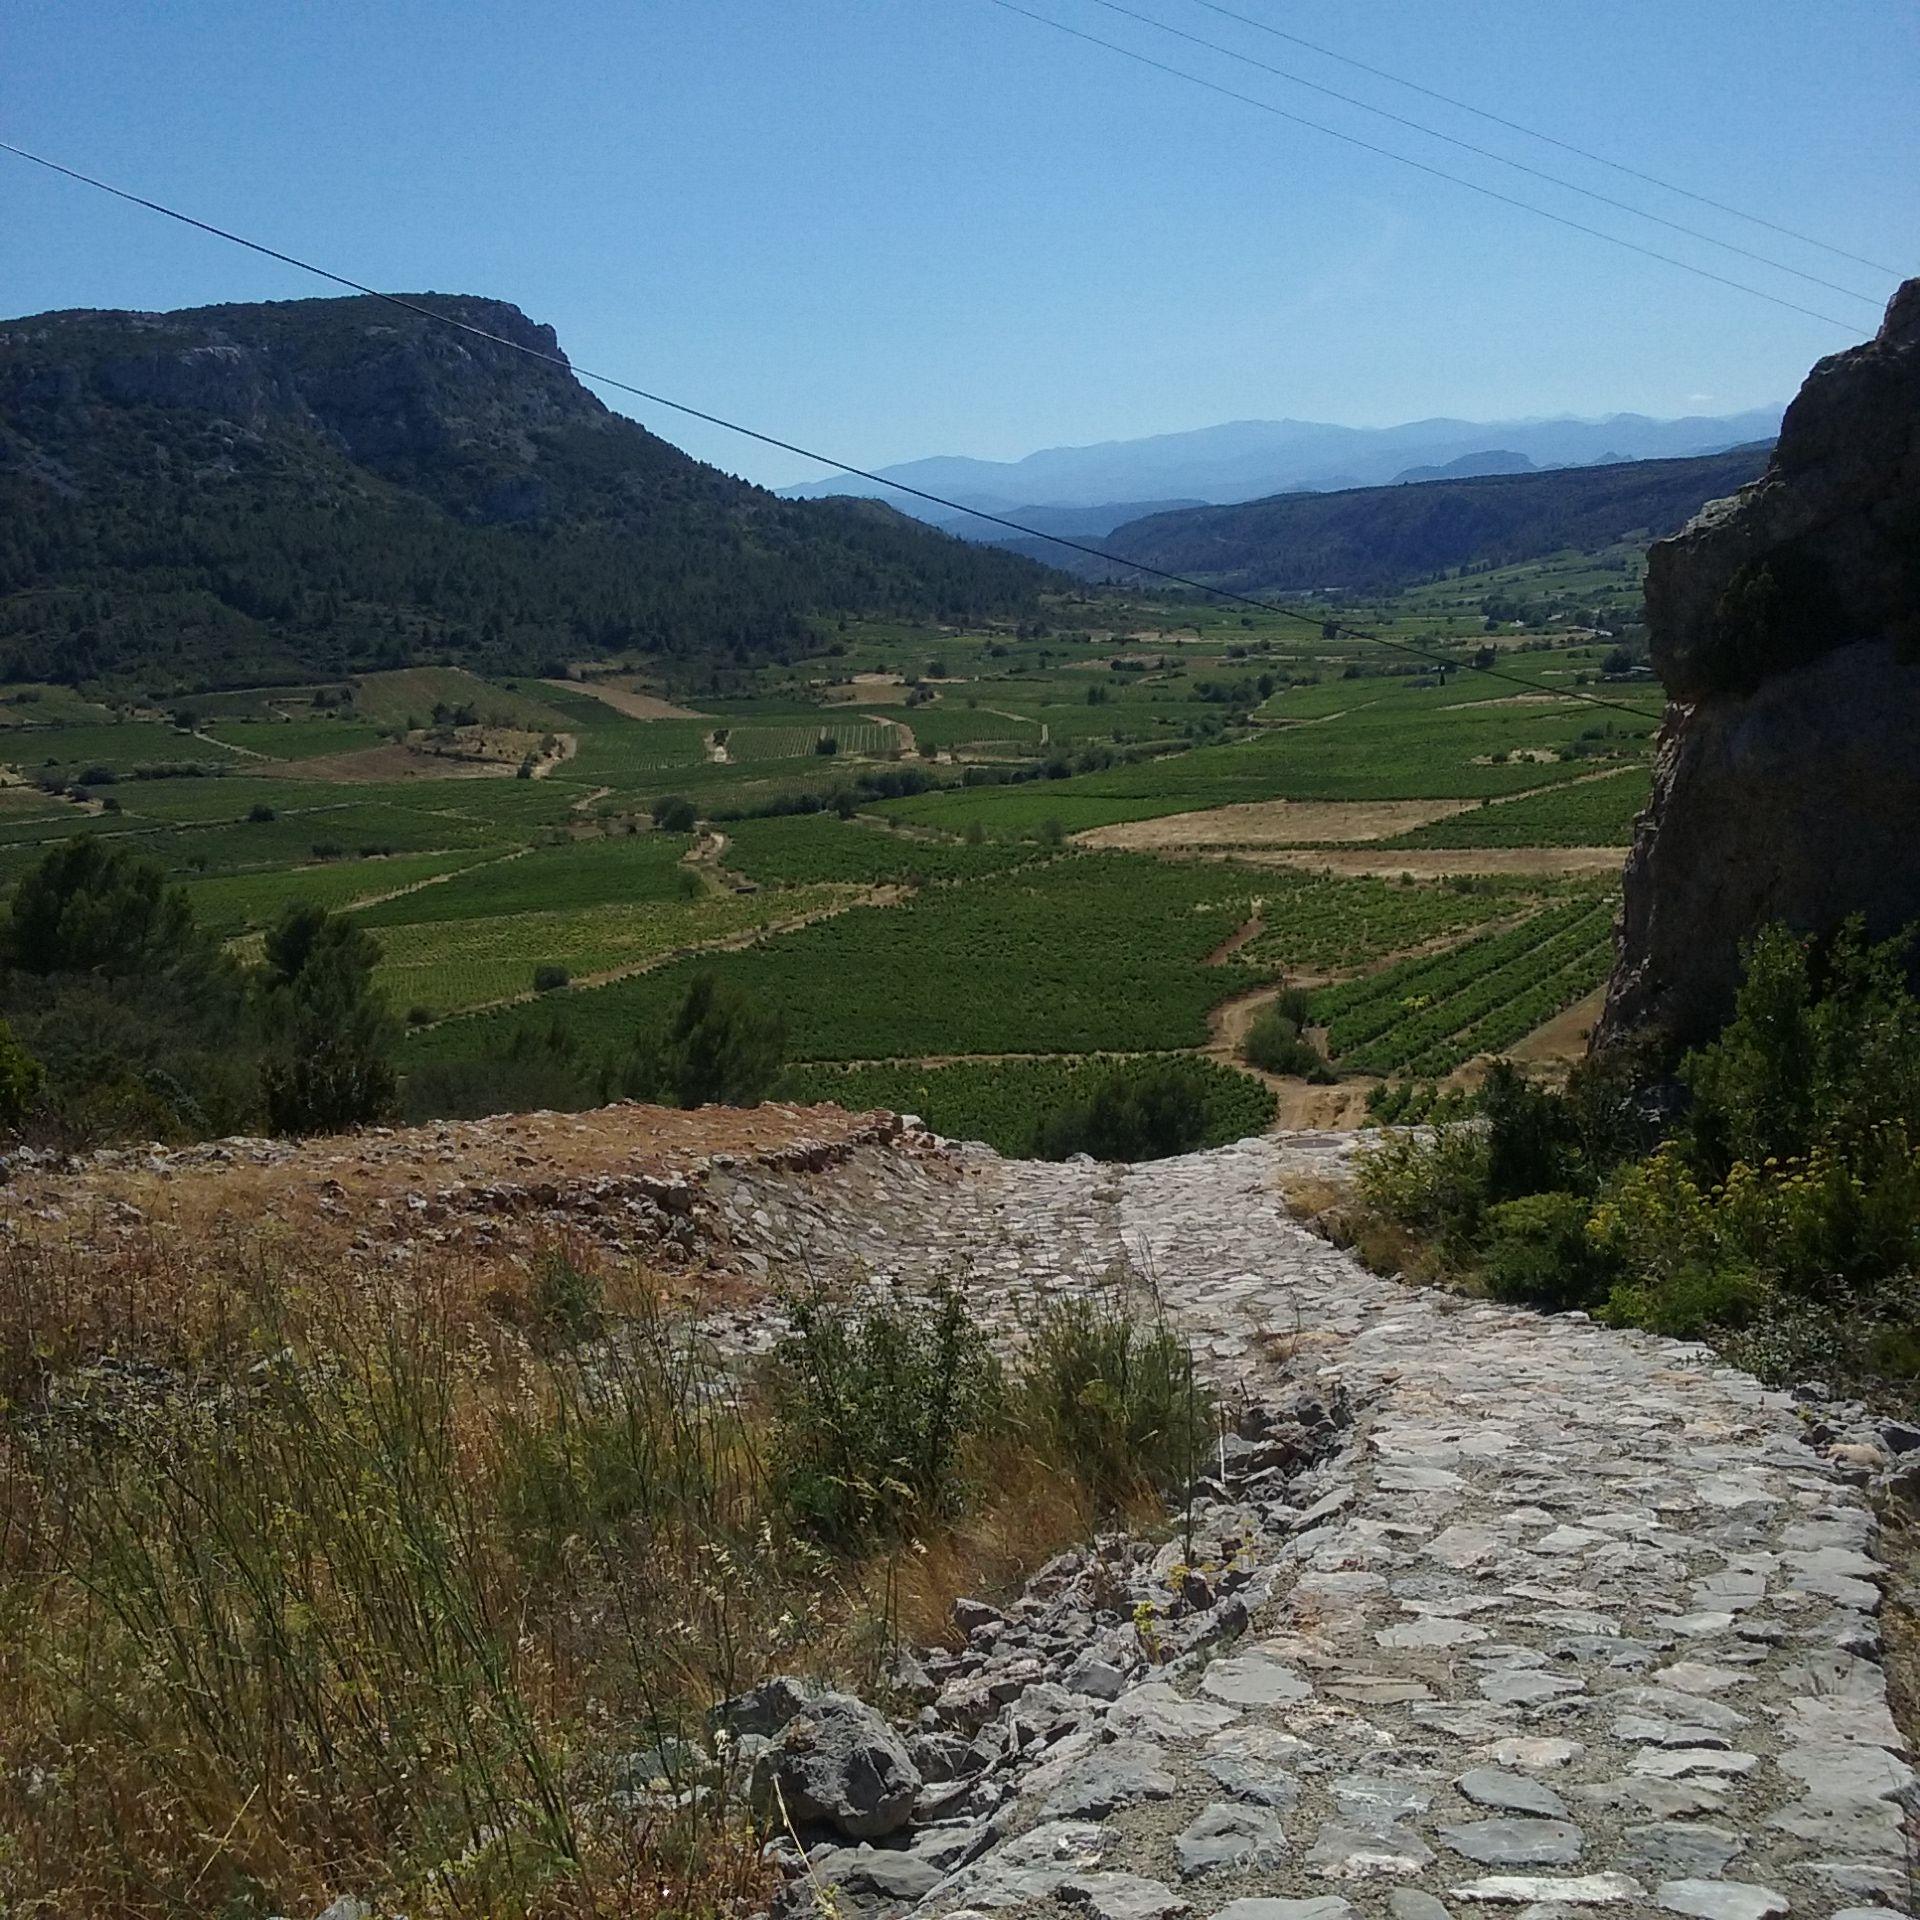 Voie romaine vingrau chemin ou voie antique - Office de tourisme pyrenees orientales ...